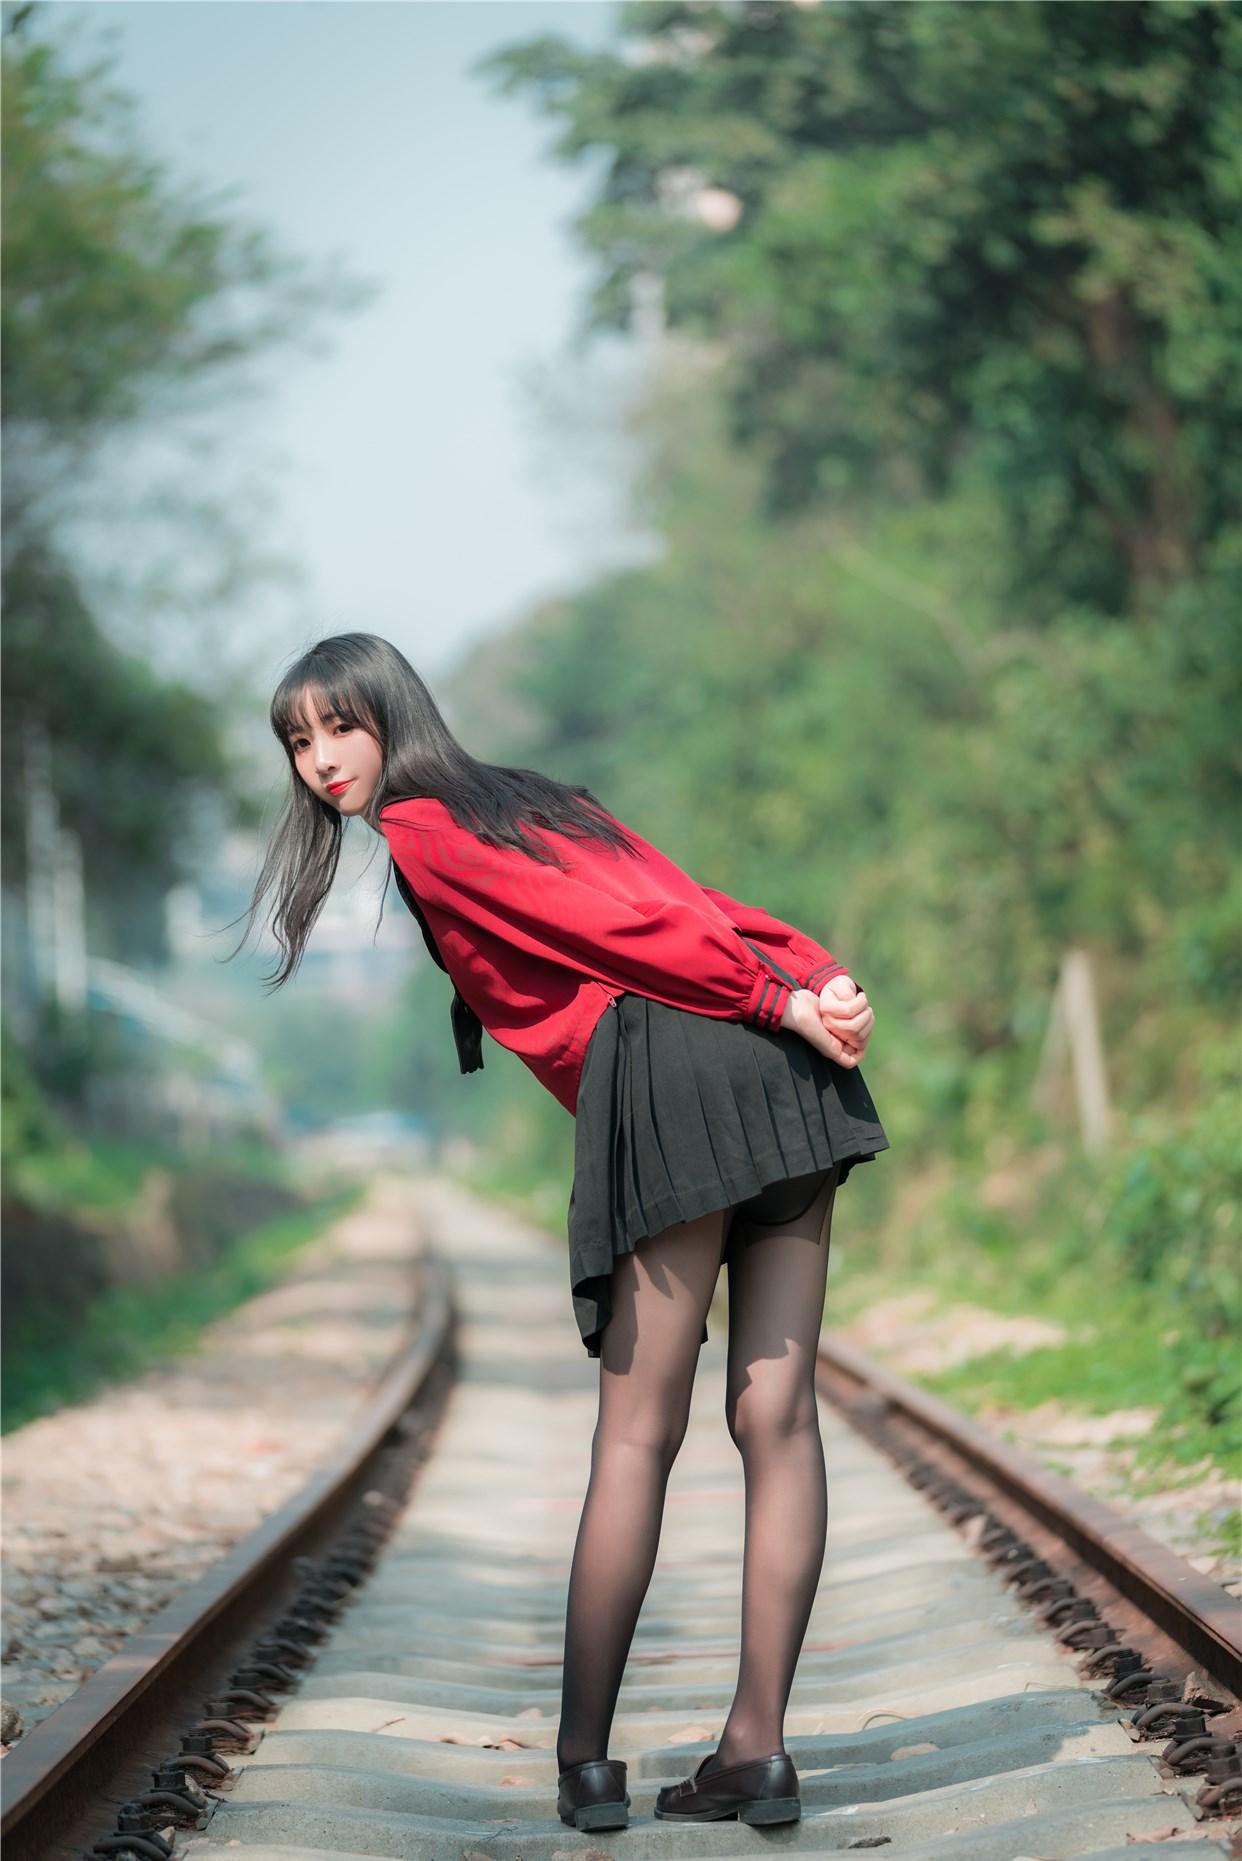 【兔玩映画】奔跑的红色JK 兔玩映画 第1张